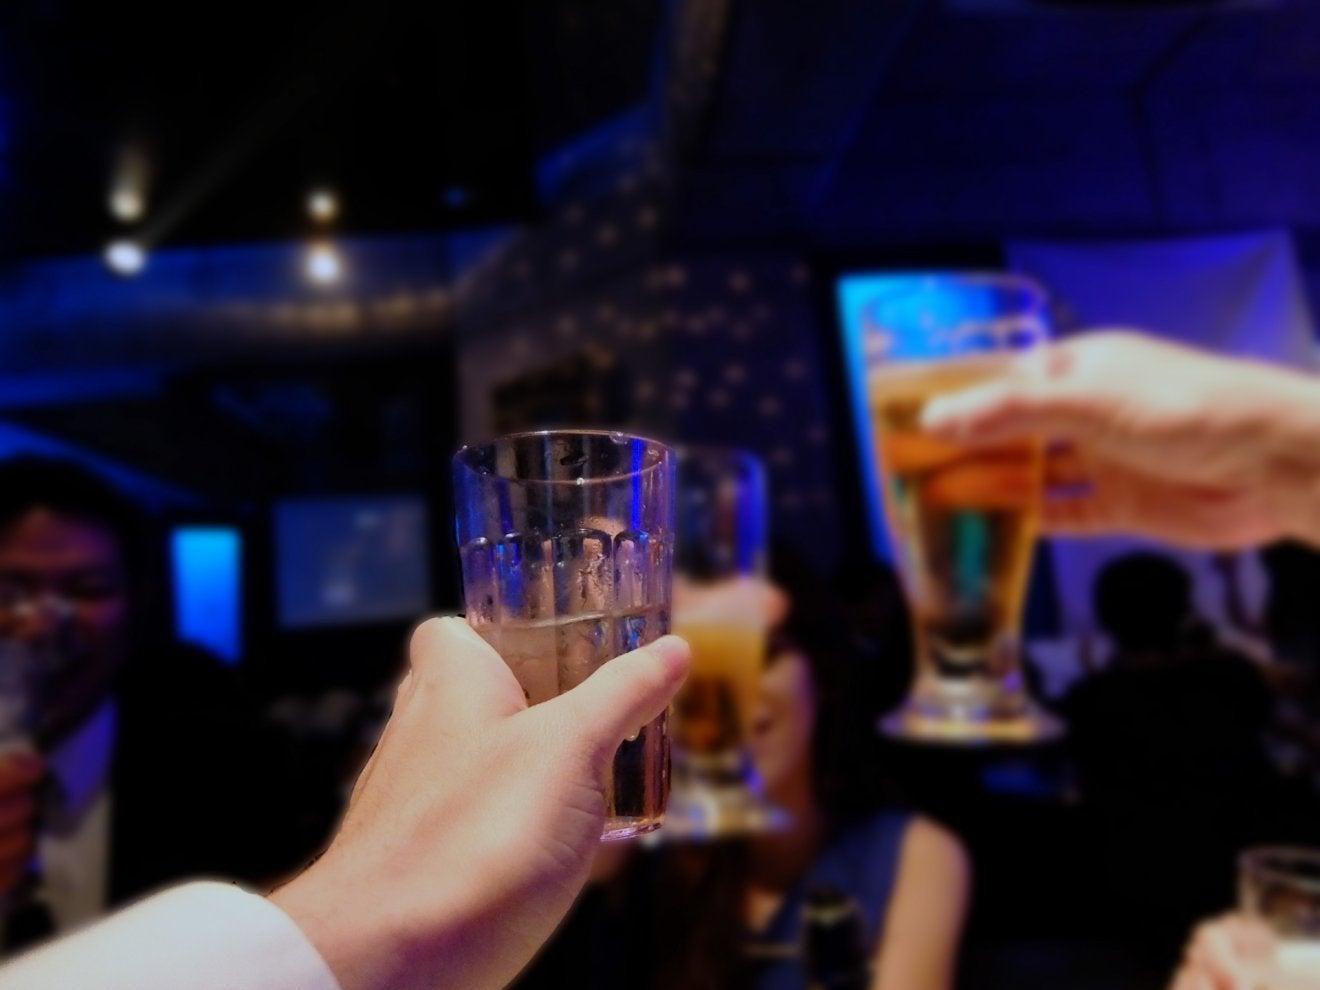 飲み会の二次会では何をする?飲み会嫌いでも楽しめるヒミツの場所